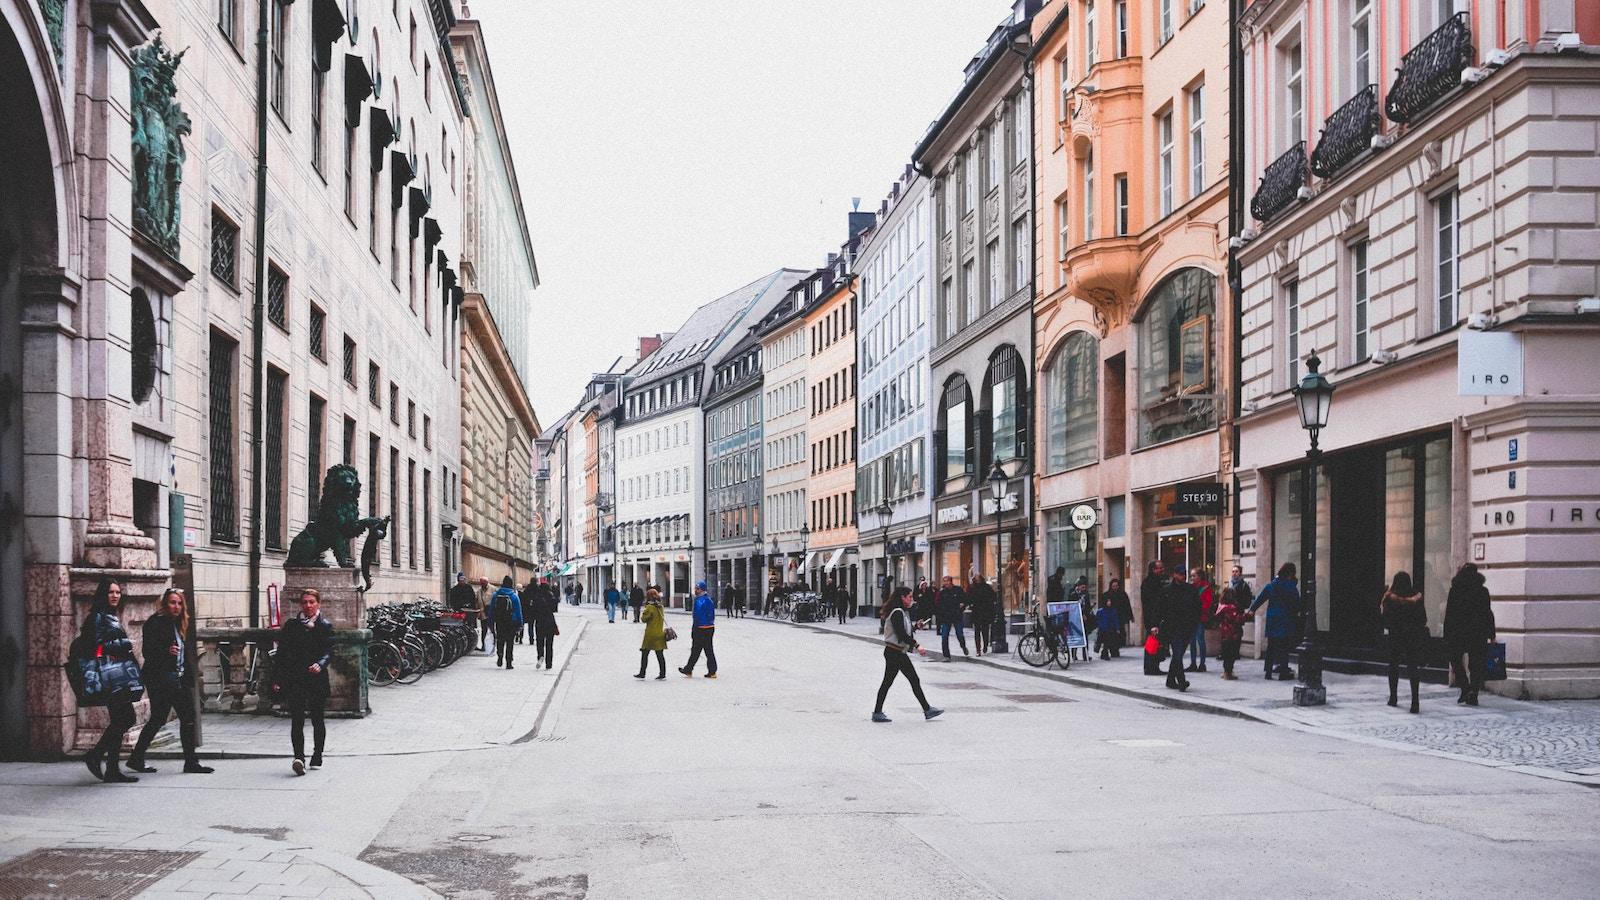 Kurierdienst Munich